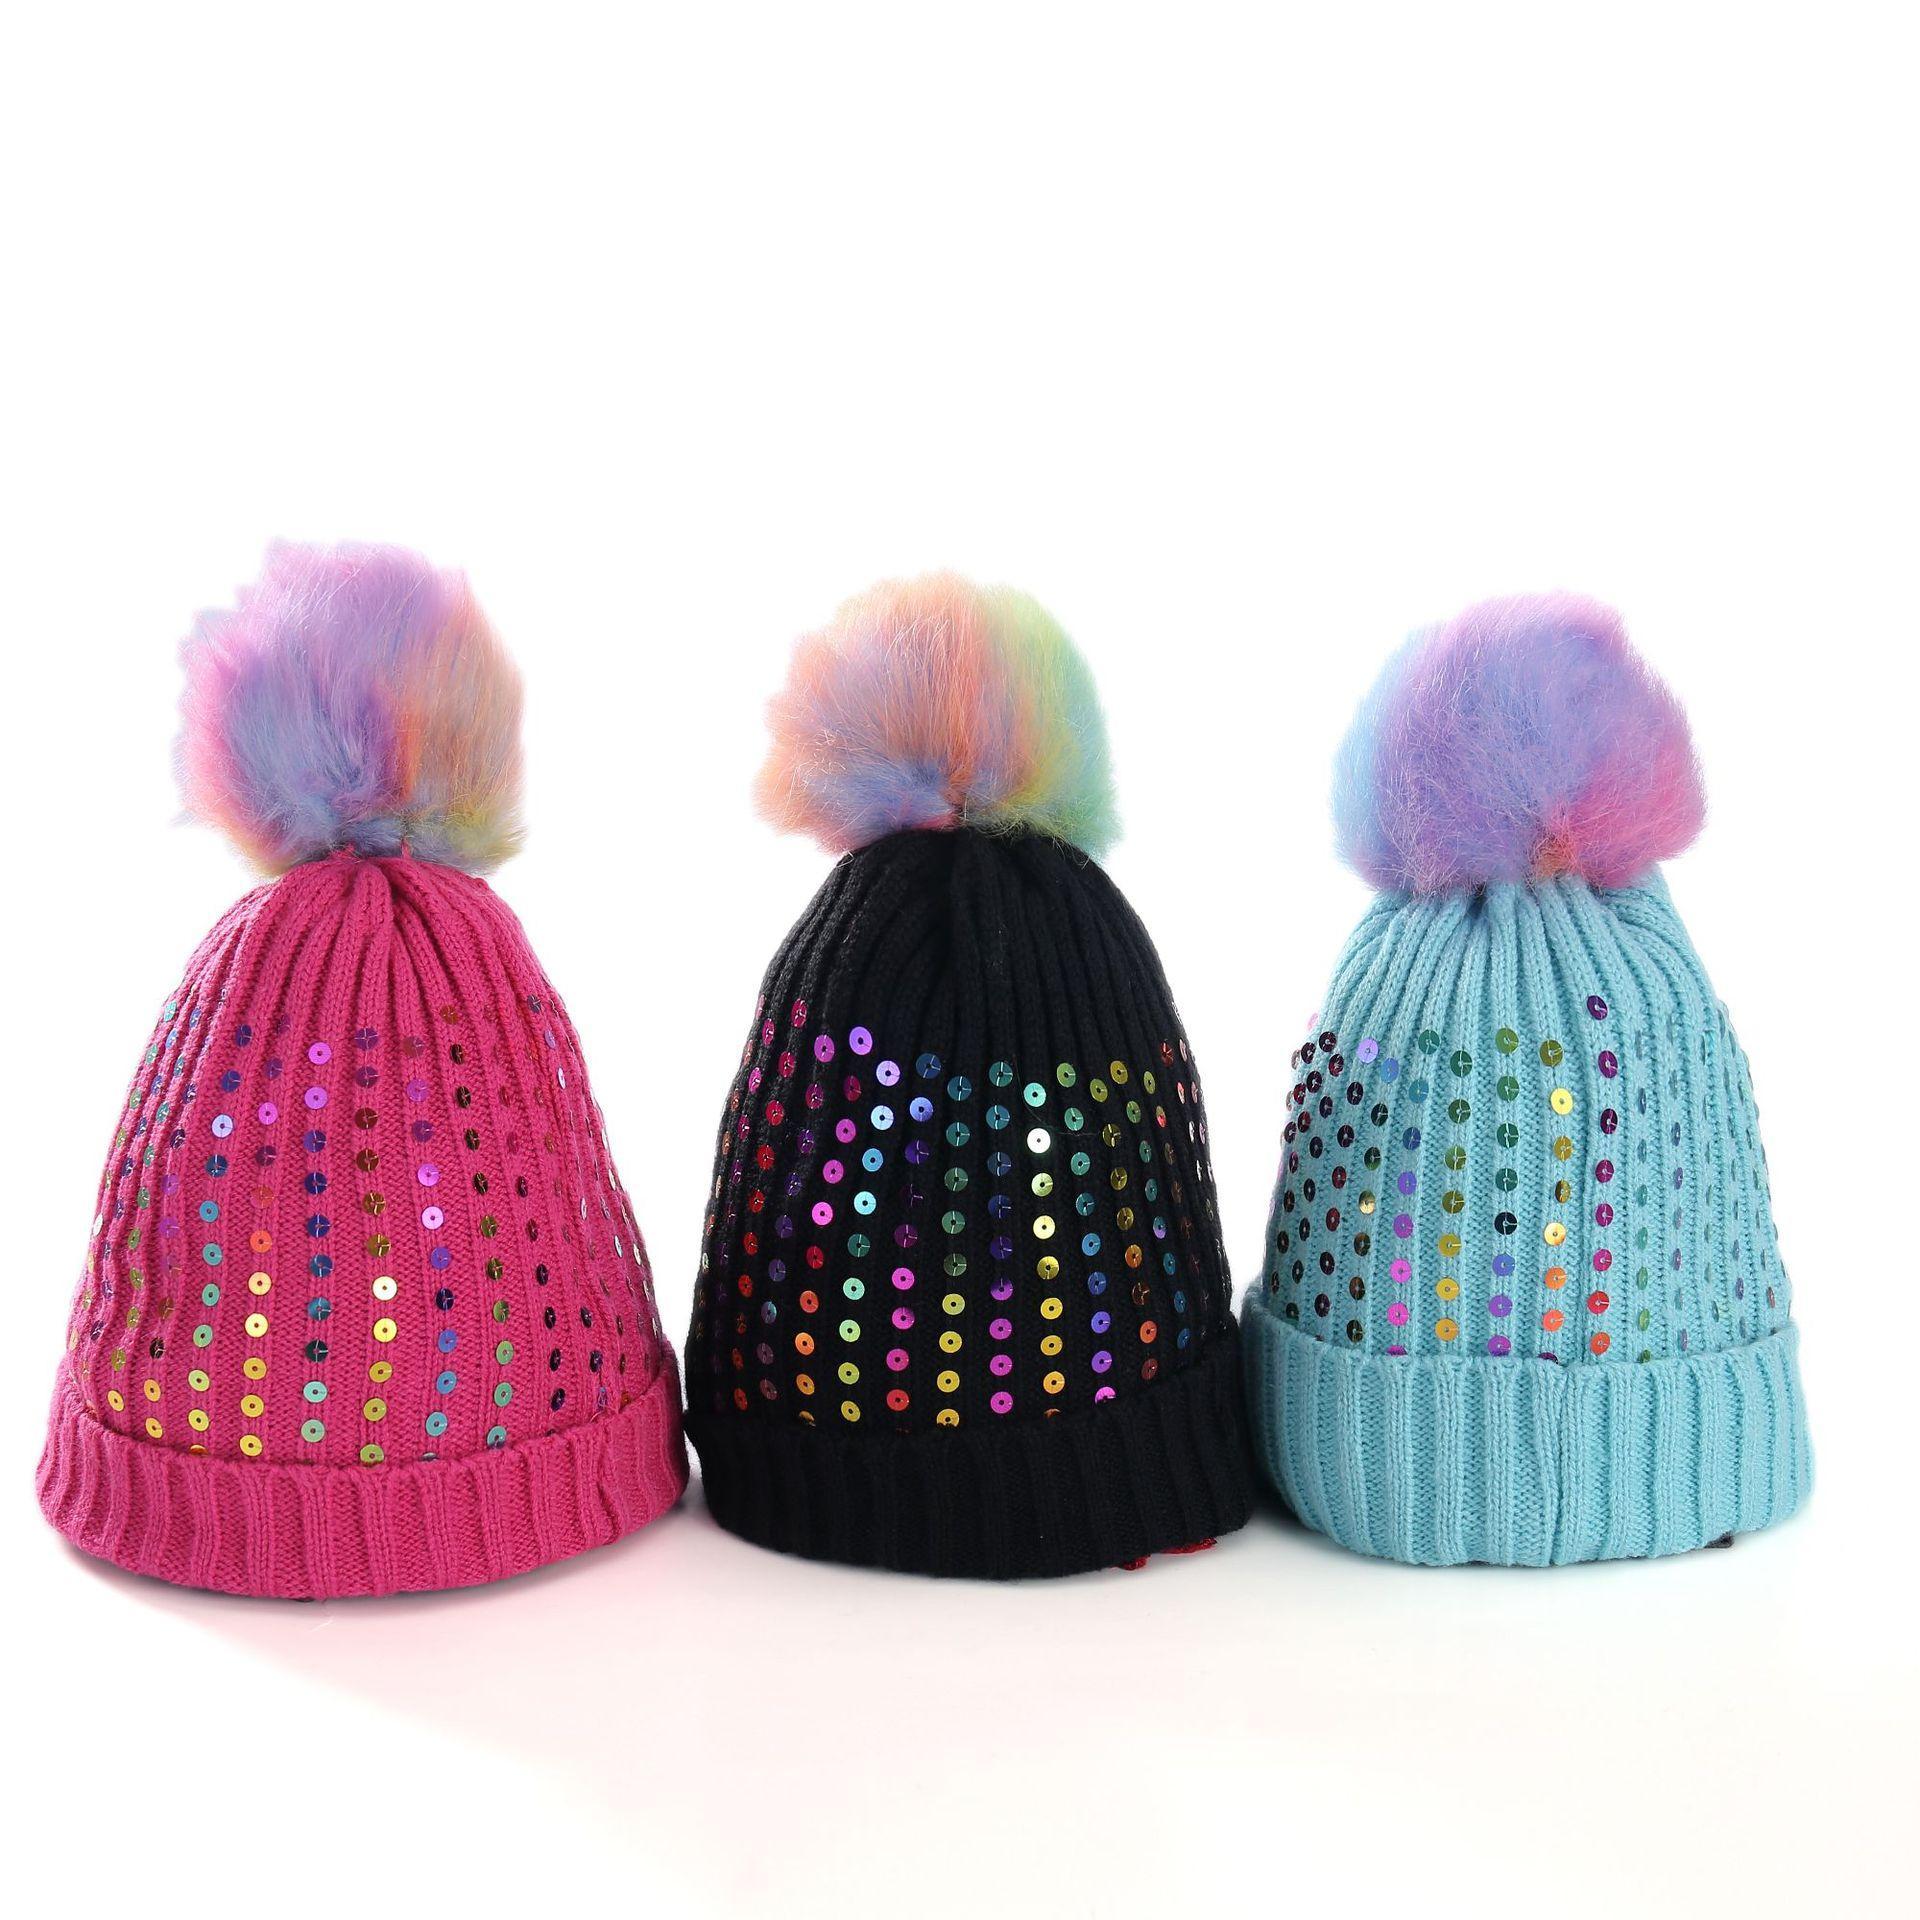 الشتاء قبعة قبعات النساء الملونة قبعات pompom مطرزة متماسكة شعري قبعة دافئة في الأزياء يندبروف بيني مع الخرز GGA2537